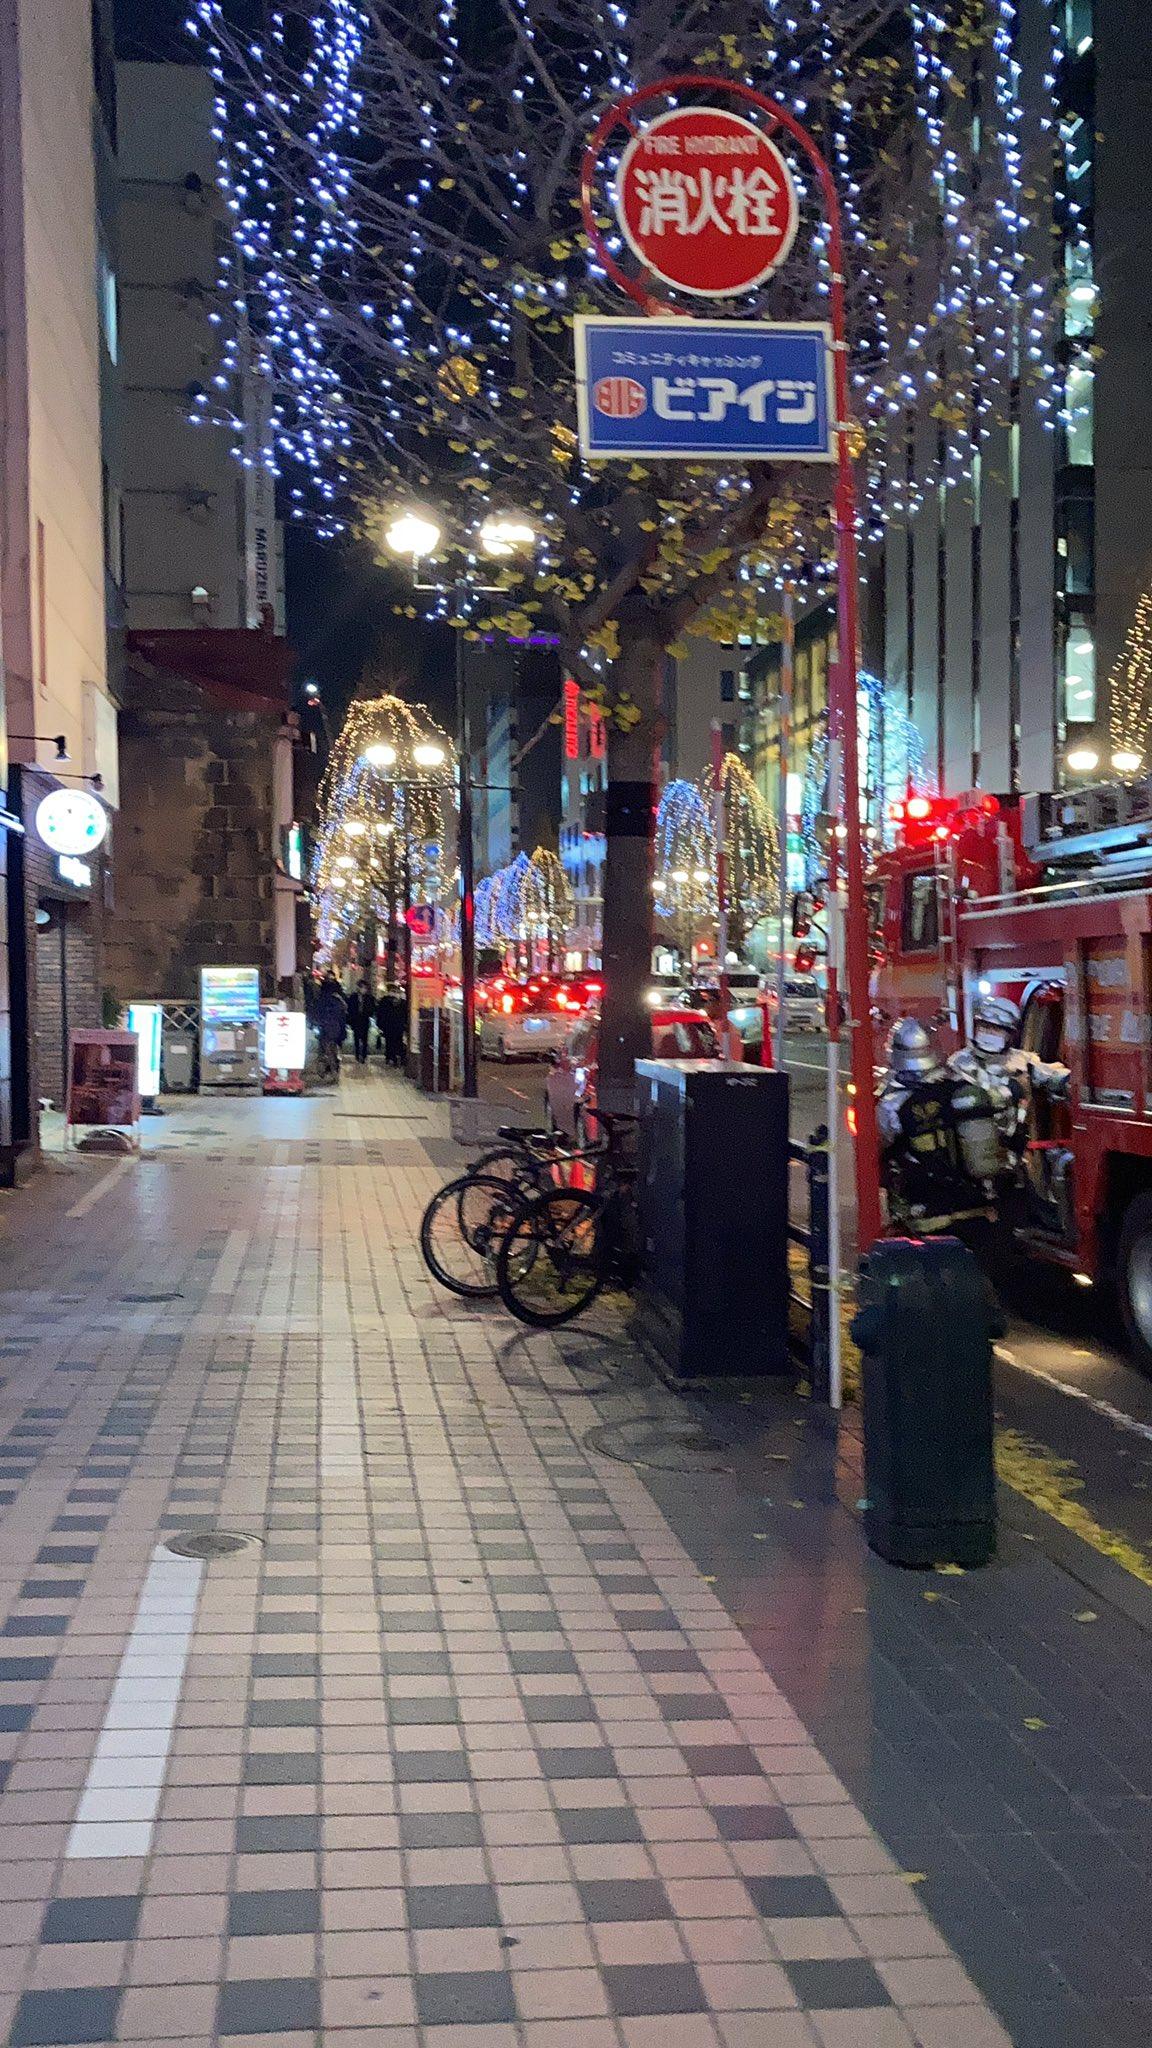 画像,カナリヤの前がすごいことになっとります。火事かな?消防車が山盛り!で私は遅い昼飯 https://t.co/N5q3xnsQ6Y…